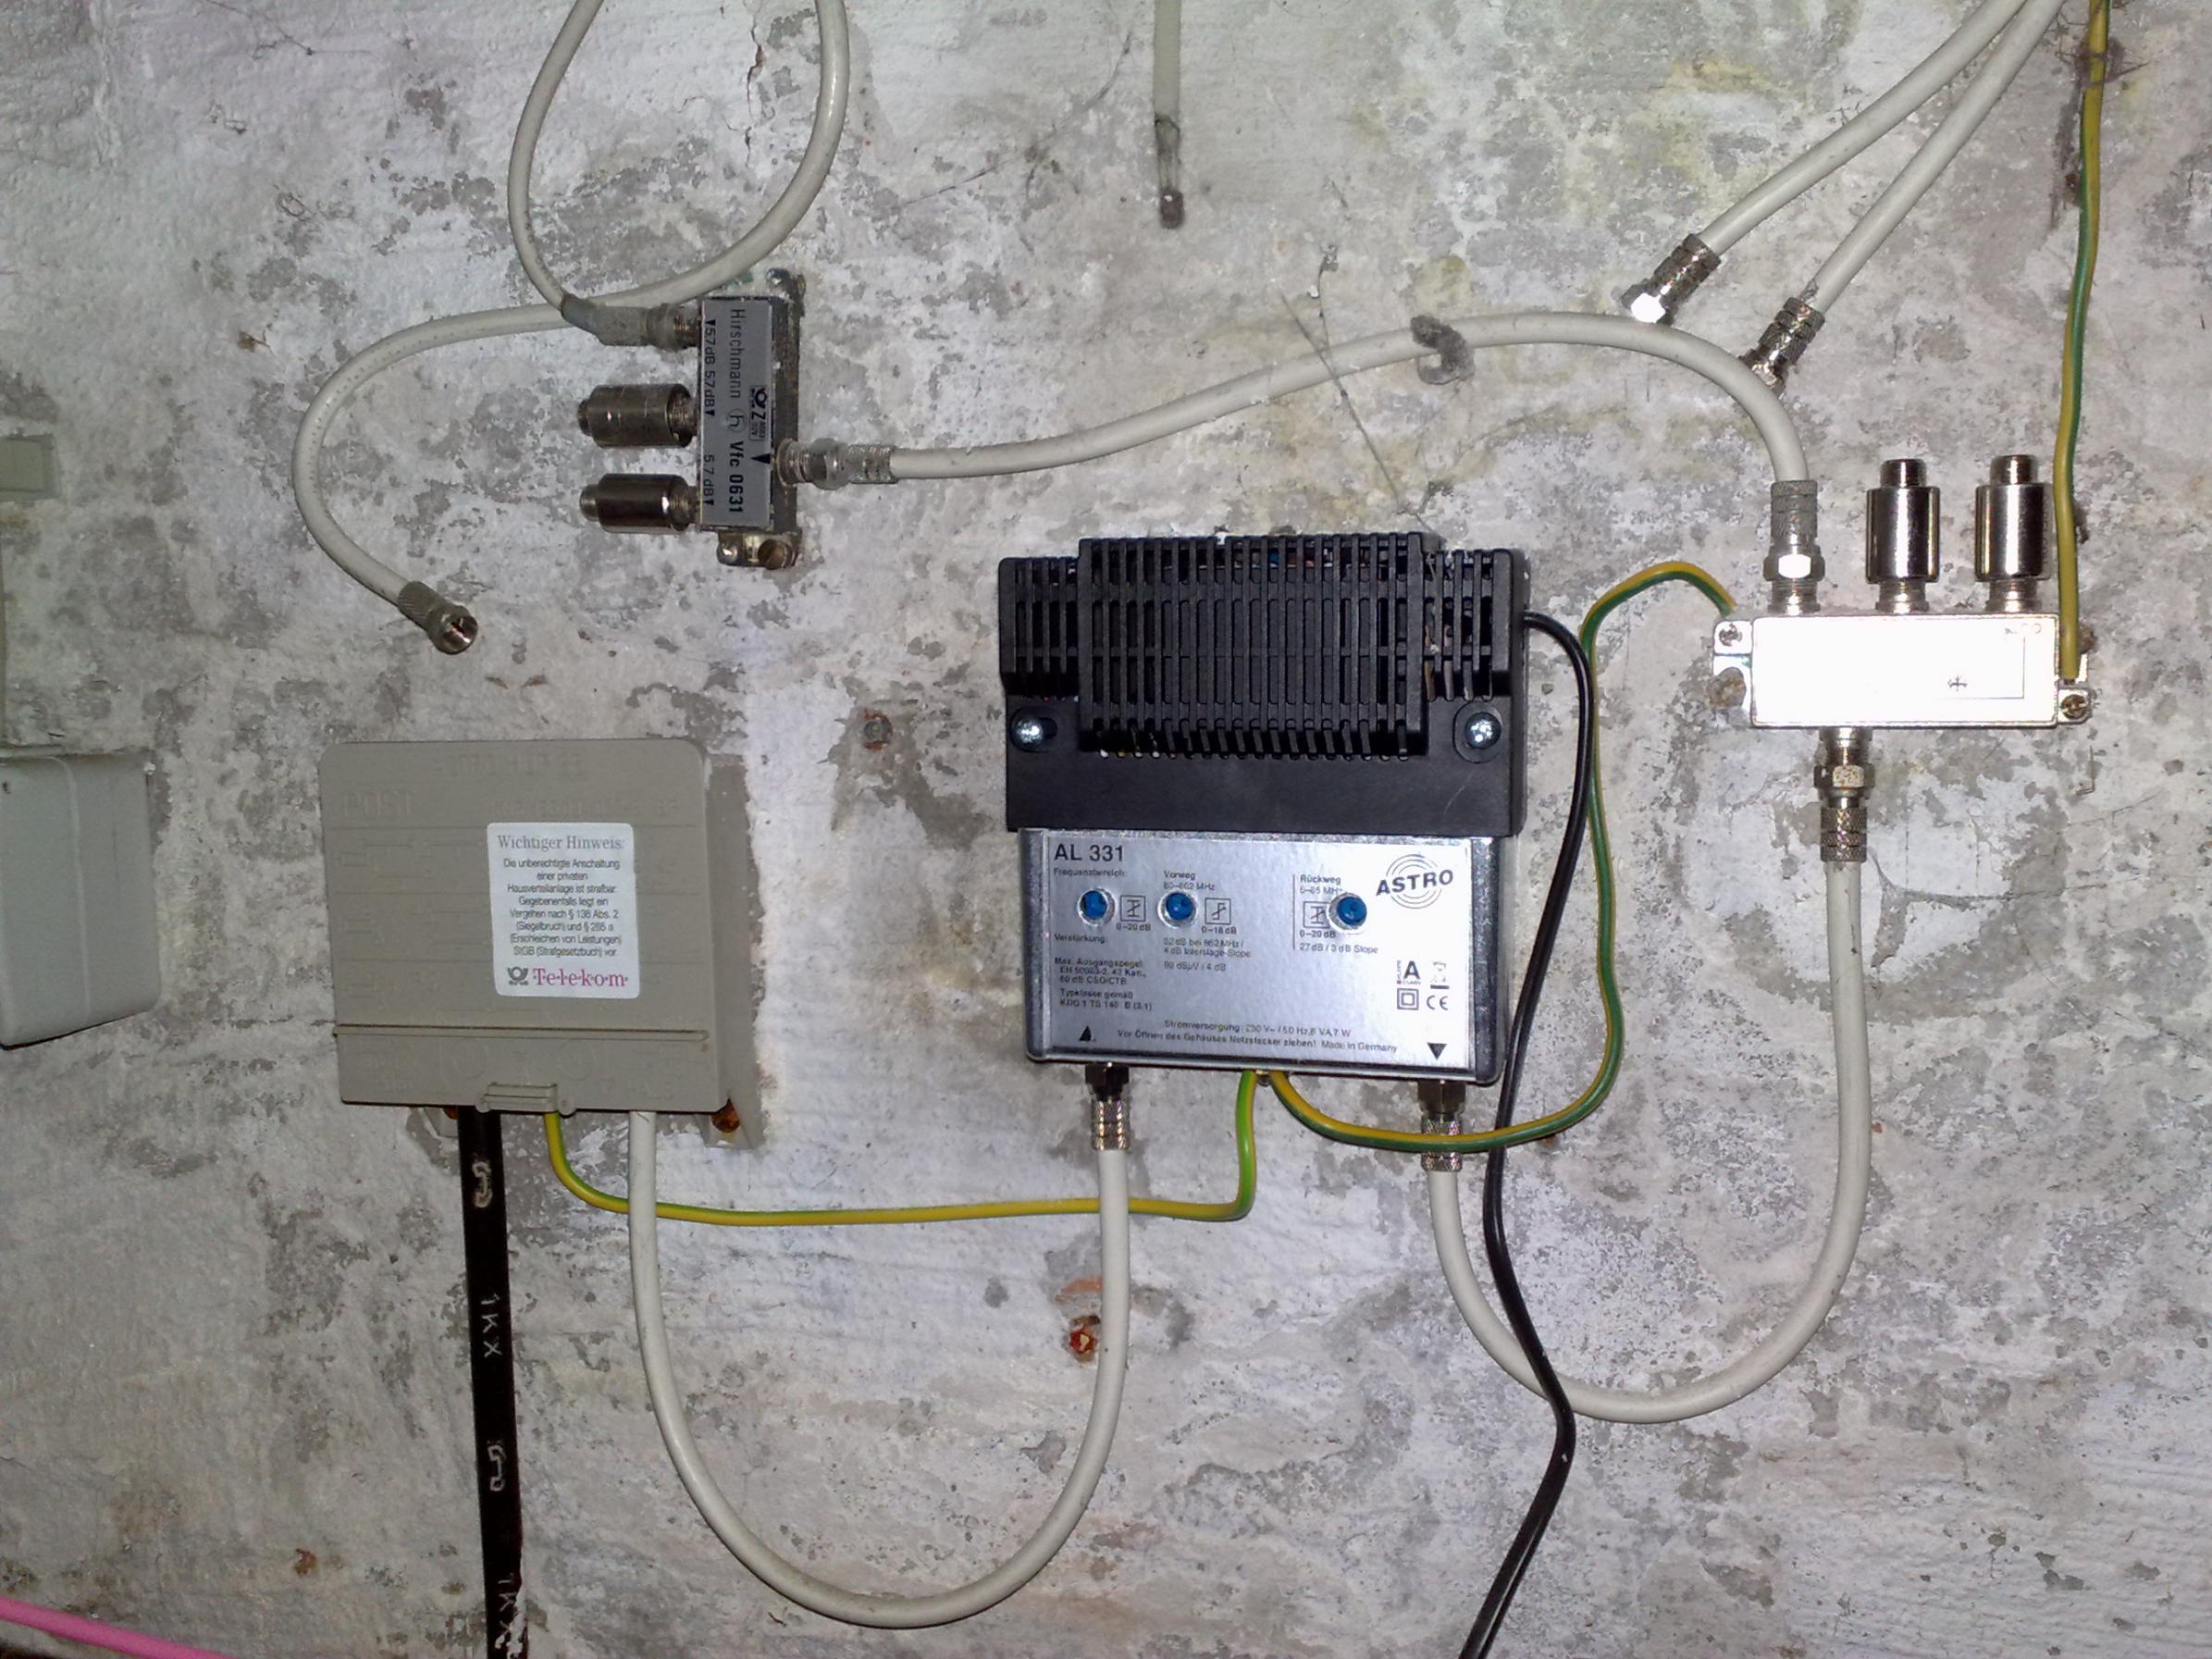 Telefon und TV-Kabel in einem Hausanschluss   ComputerBase Forum